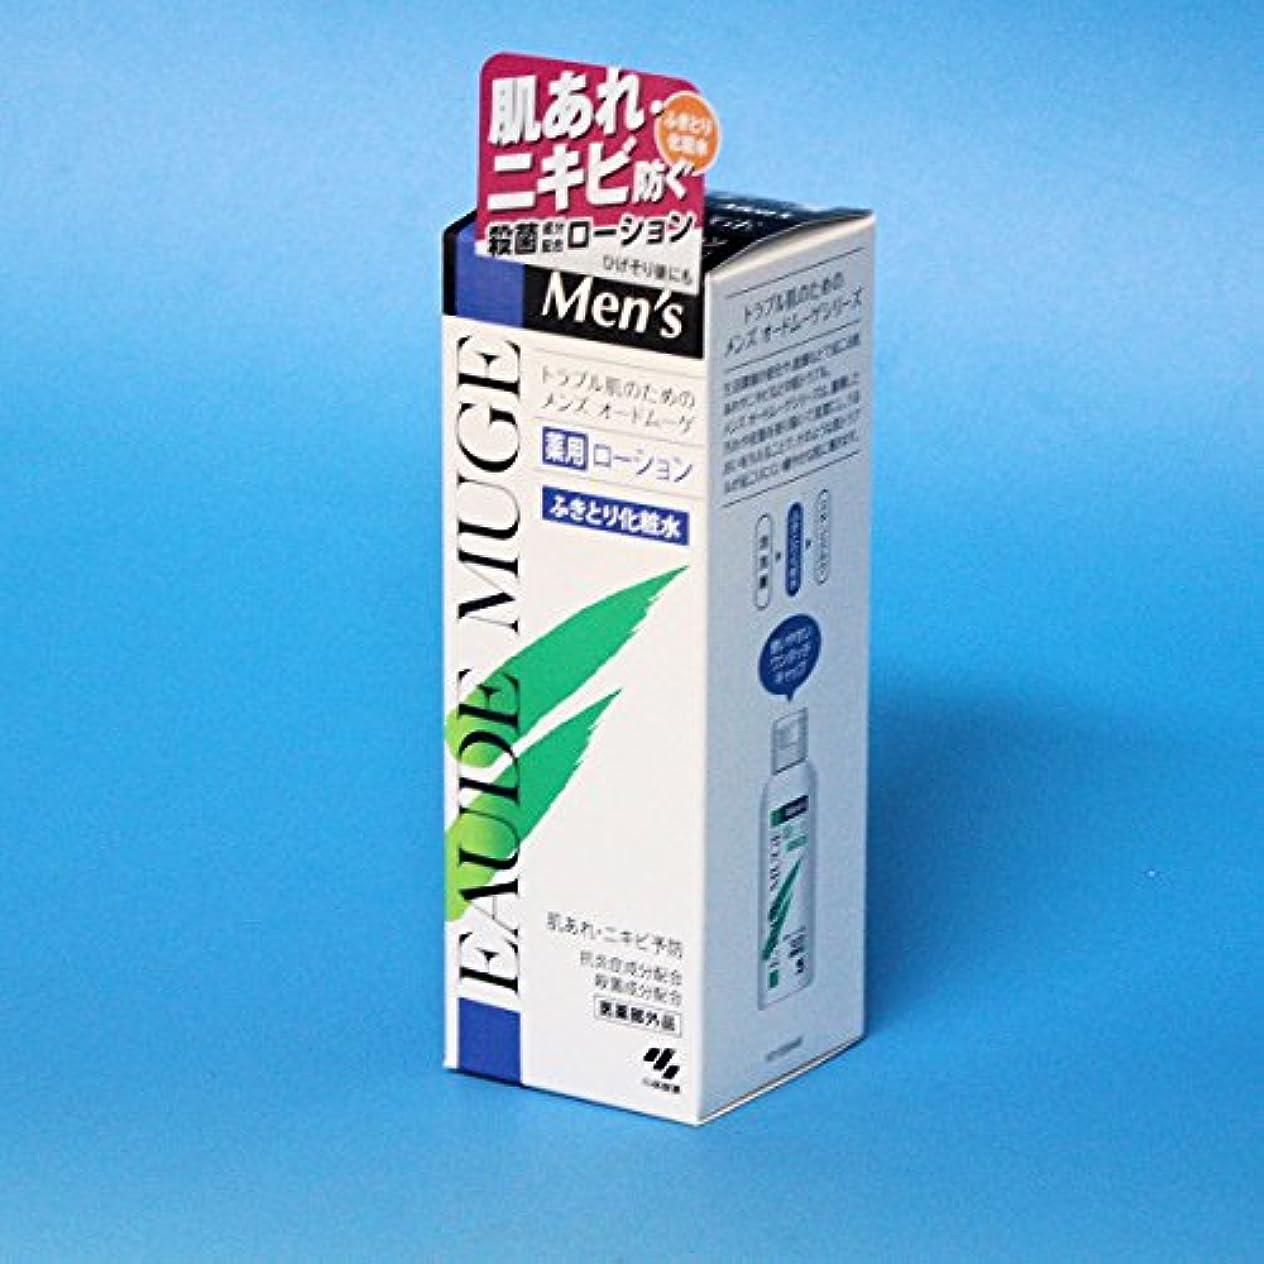 感動する居心地の良いはずメンズ オードムーゲ薬用ローション ふき取り化粧水 160ml